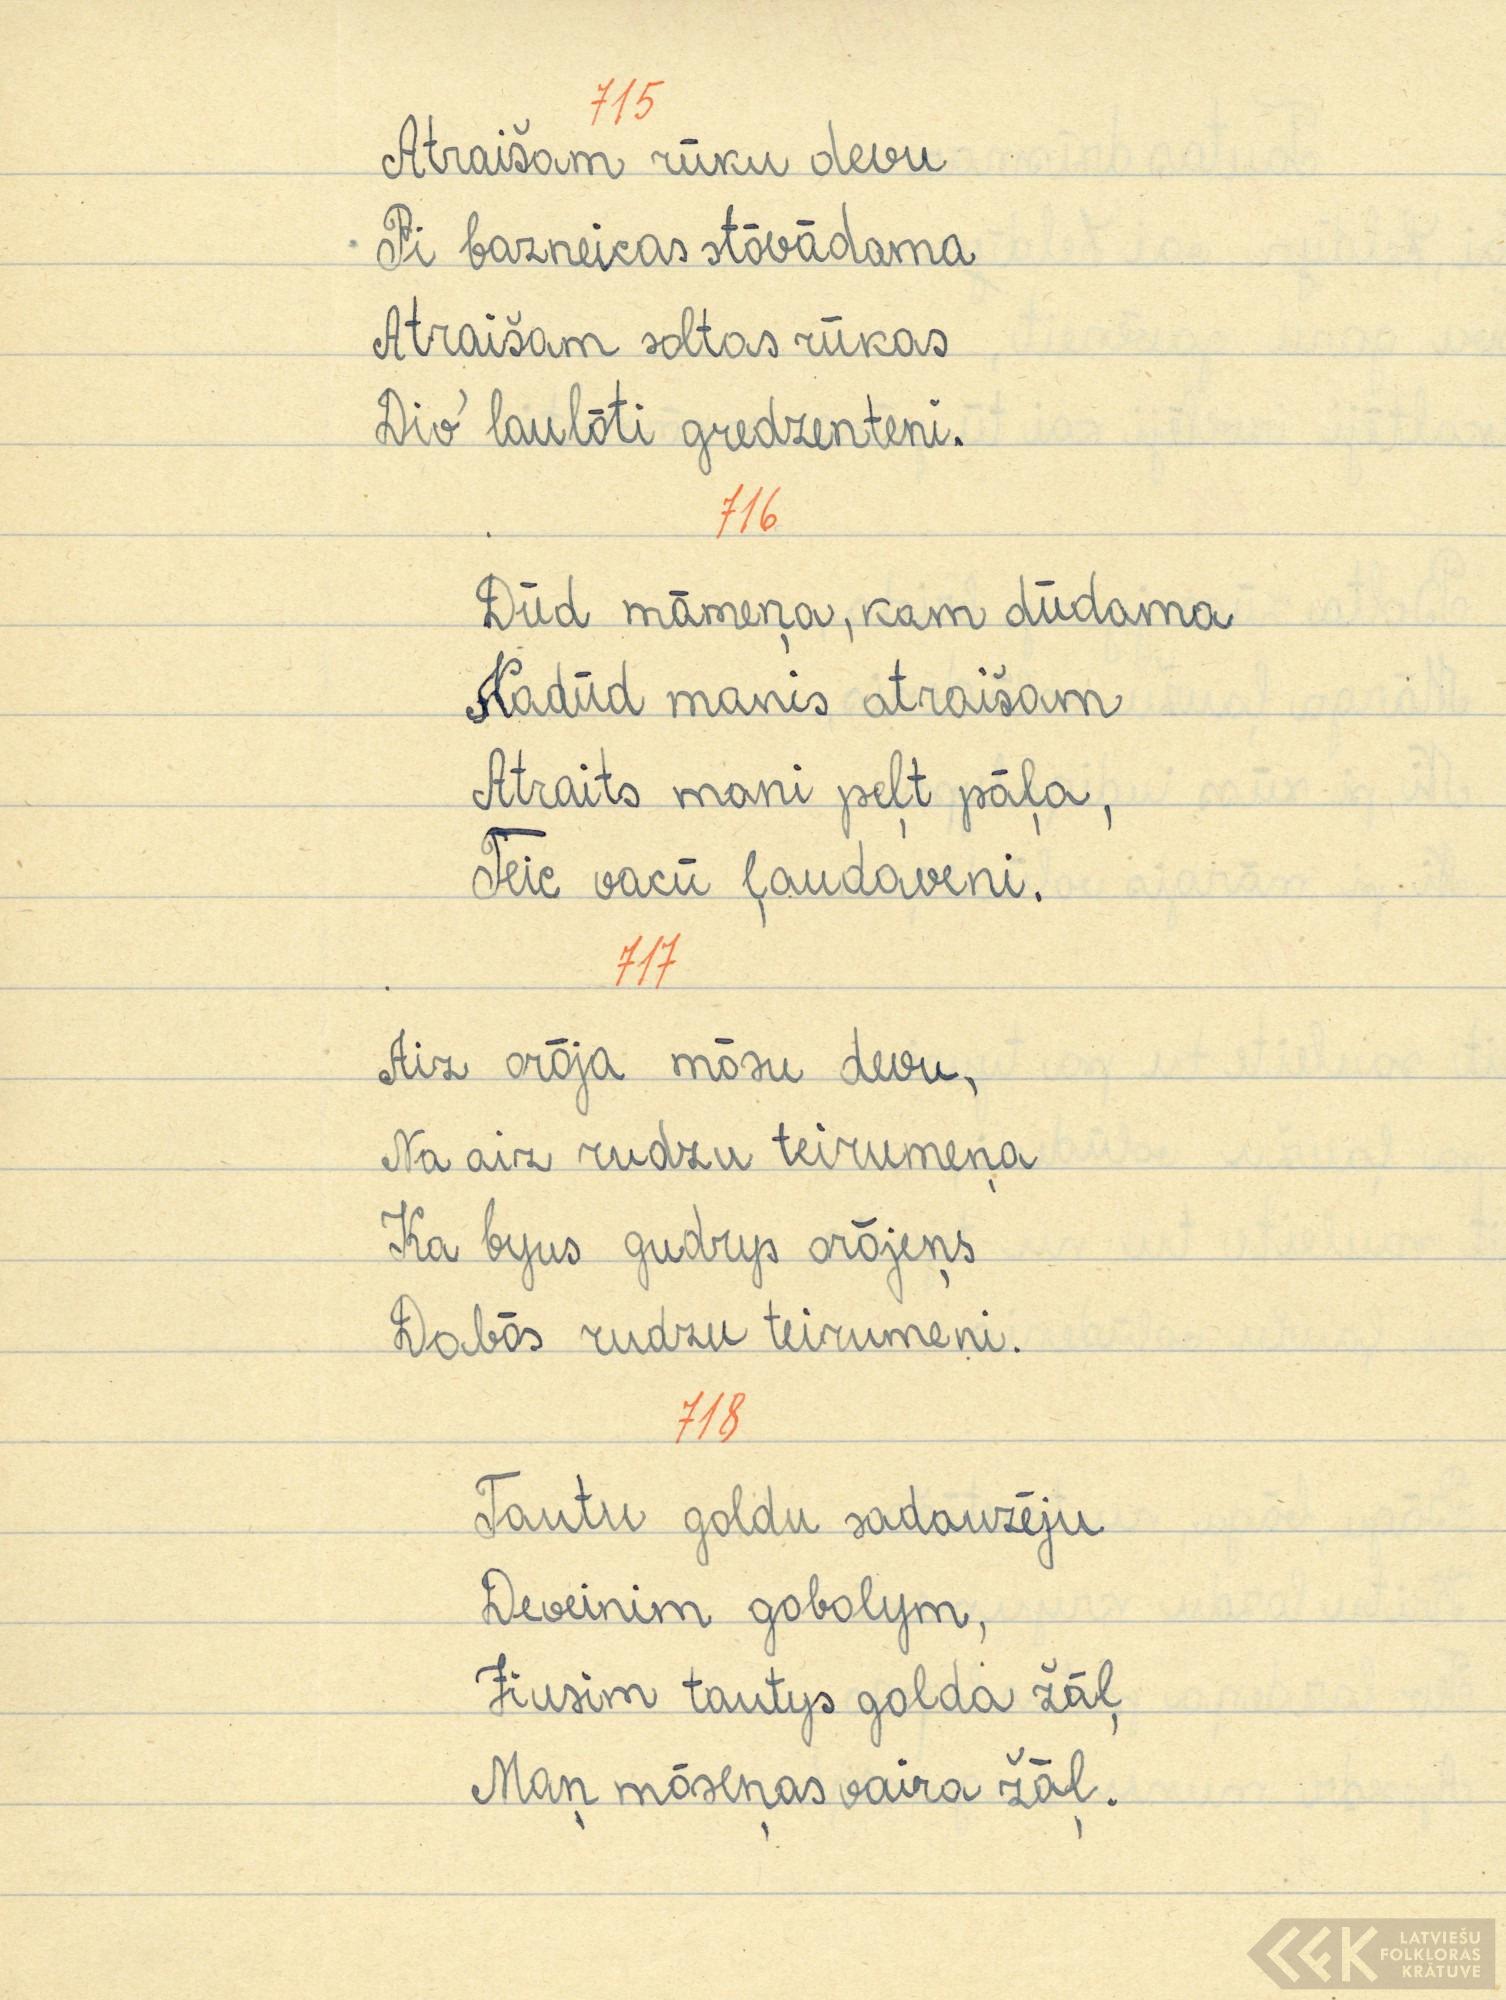 1473-Jaunslobodas-mazpulks-0153